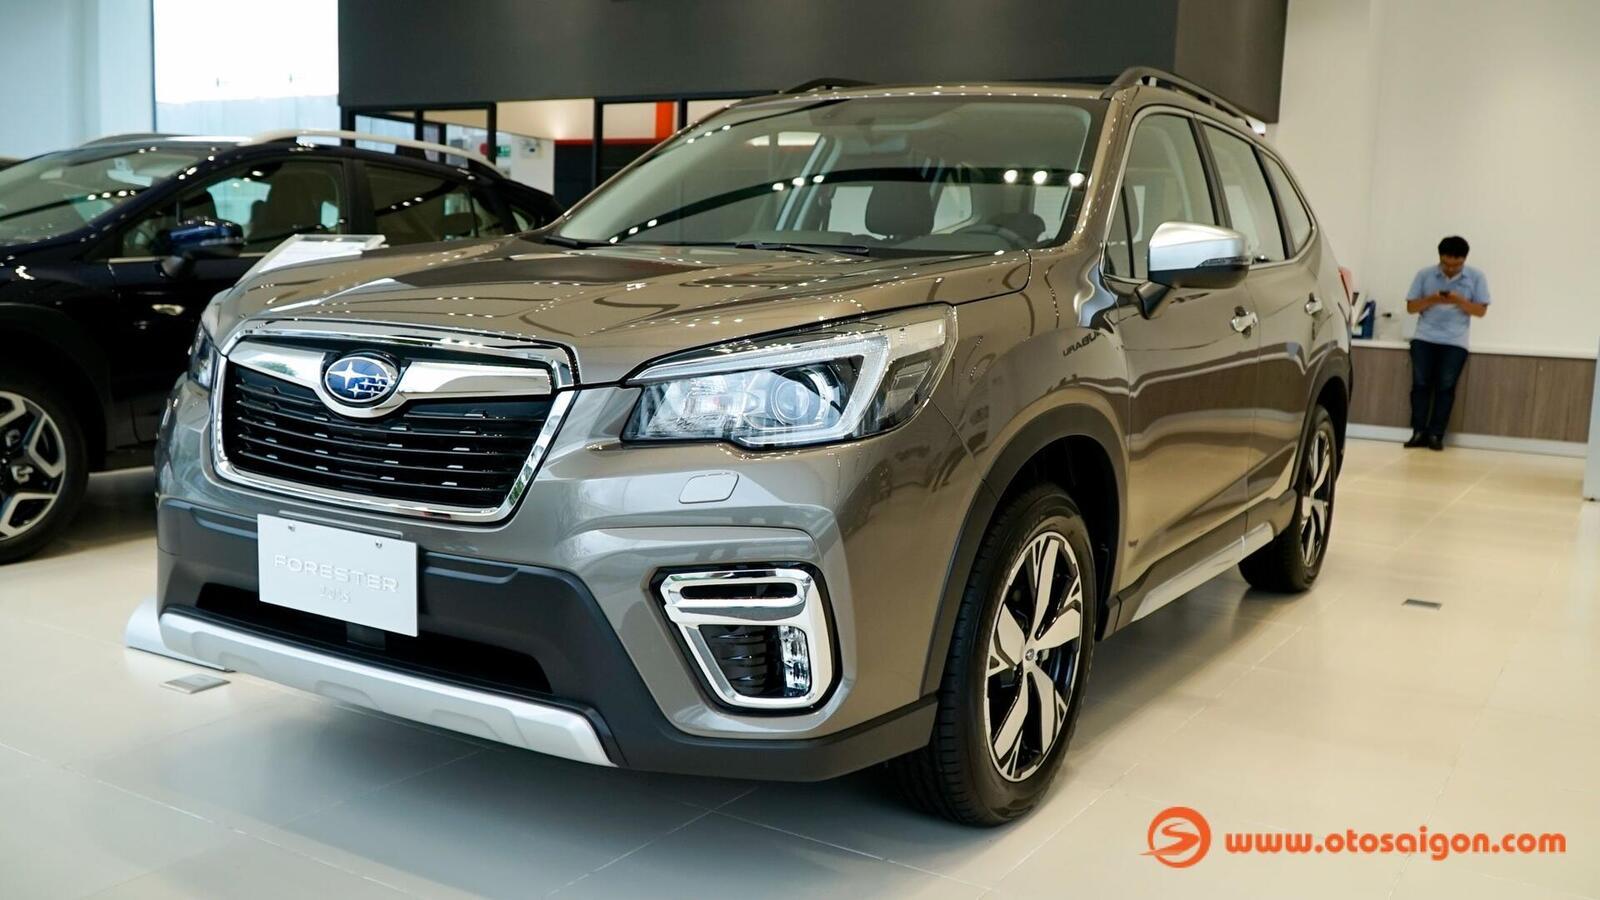 Đánh giá nhanh Subaru Forester thế hệ mới và sự khác biệt giữa hai phiên bản - Hình 4